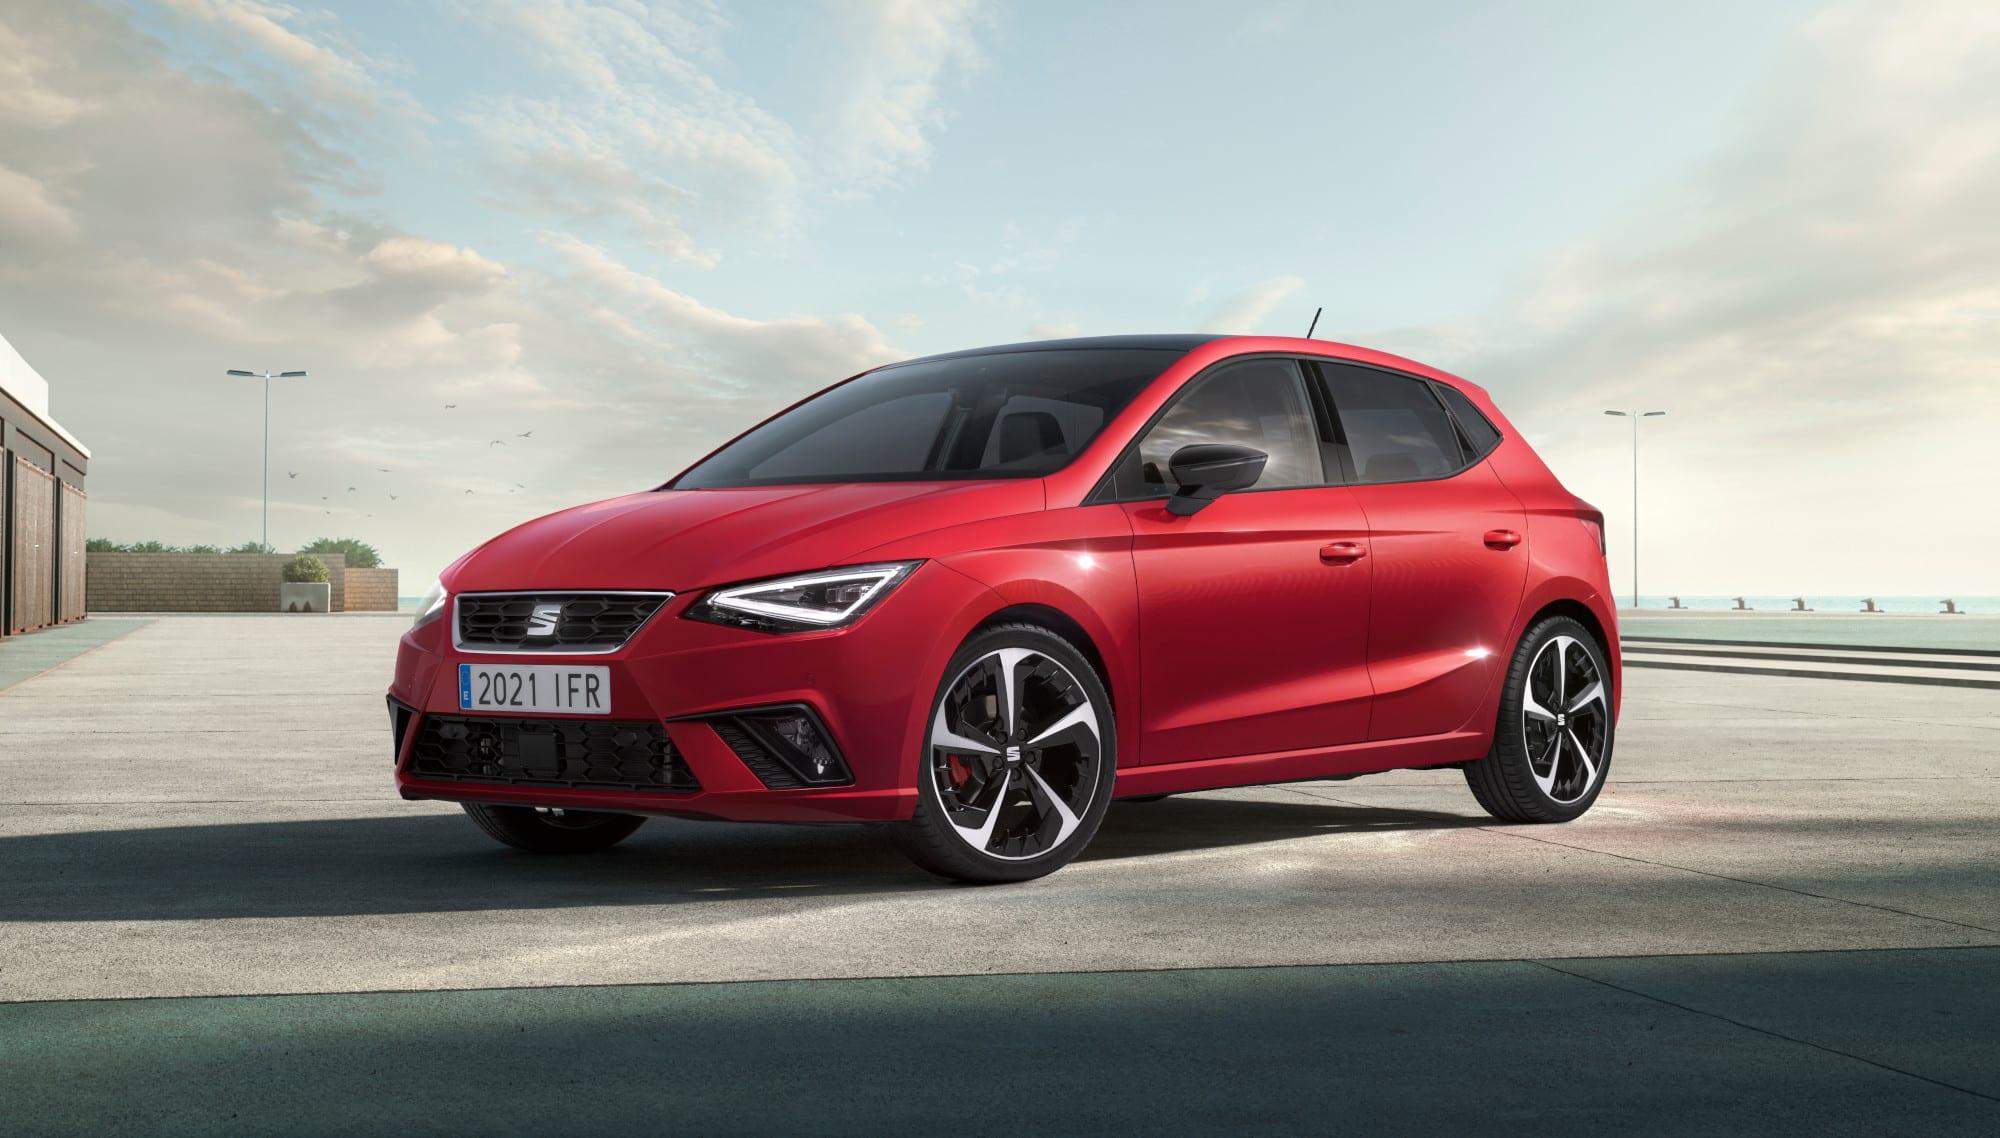 Presentan un nuevo SEAT Ibiza más tecnológico